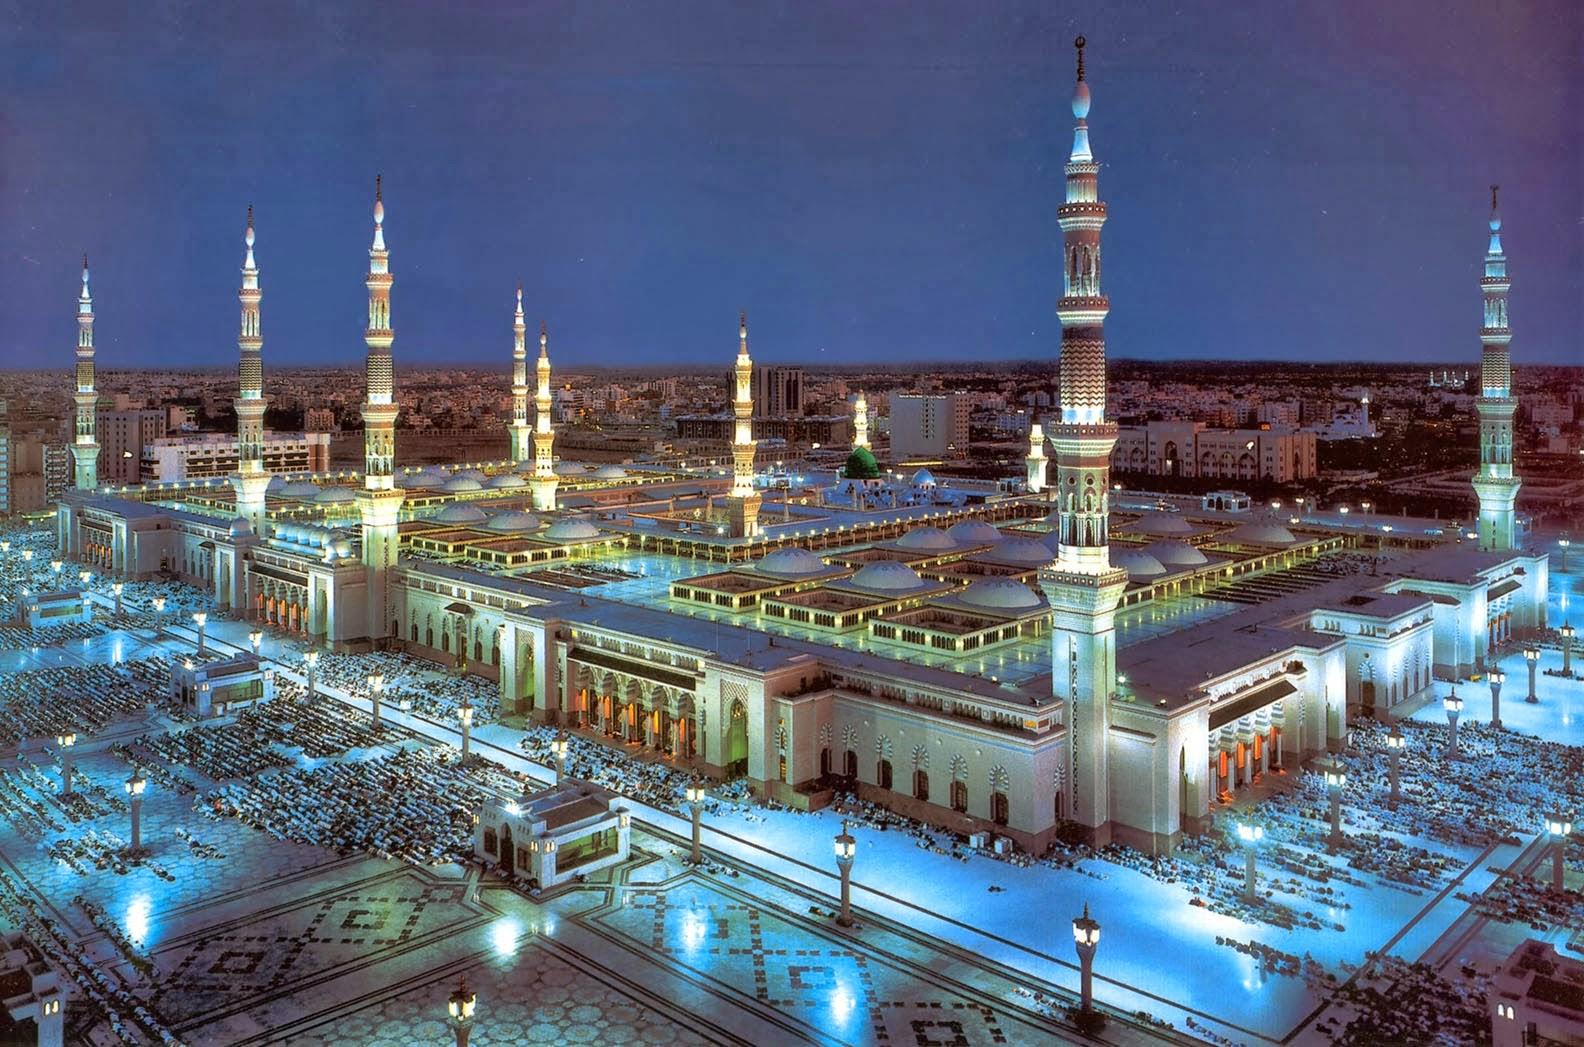 Meisterwerke der islamischen architektur 50 moscheen - Architektonische meisterwerke ...